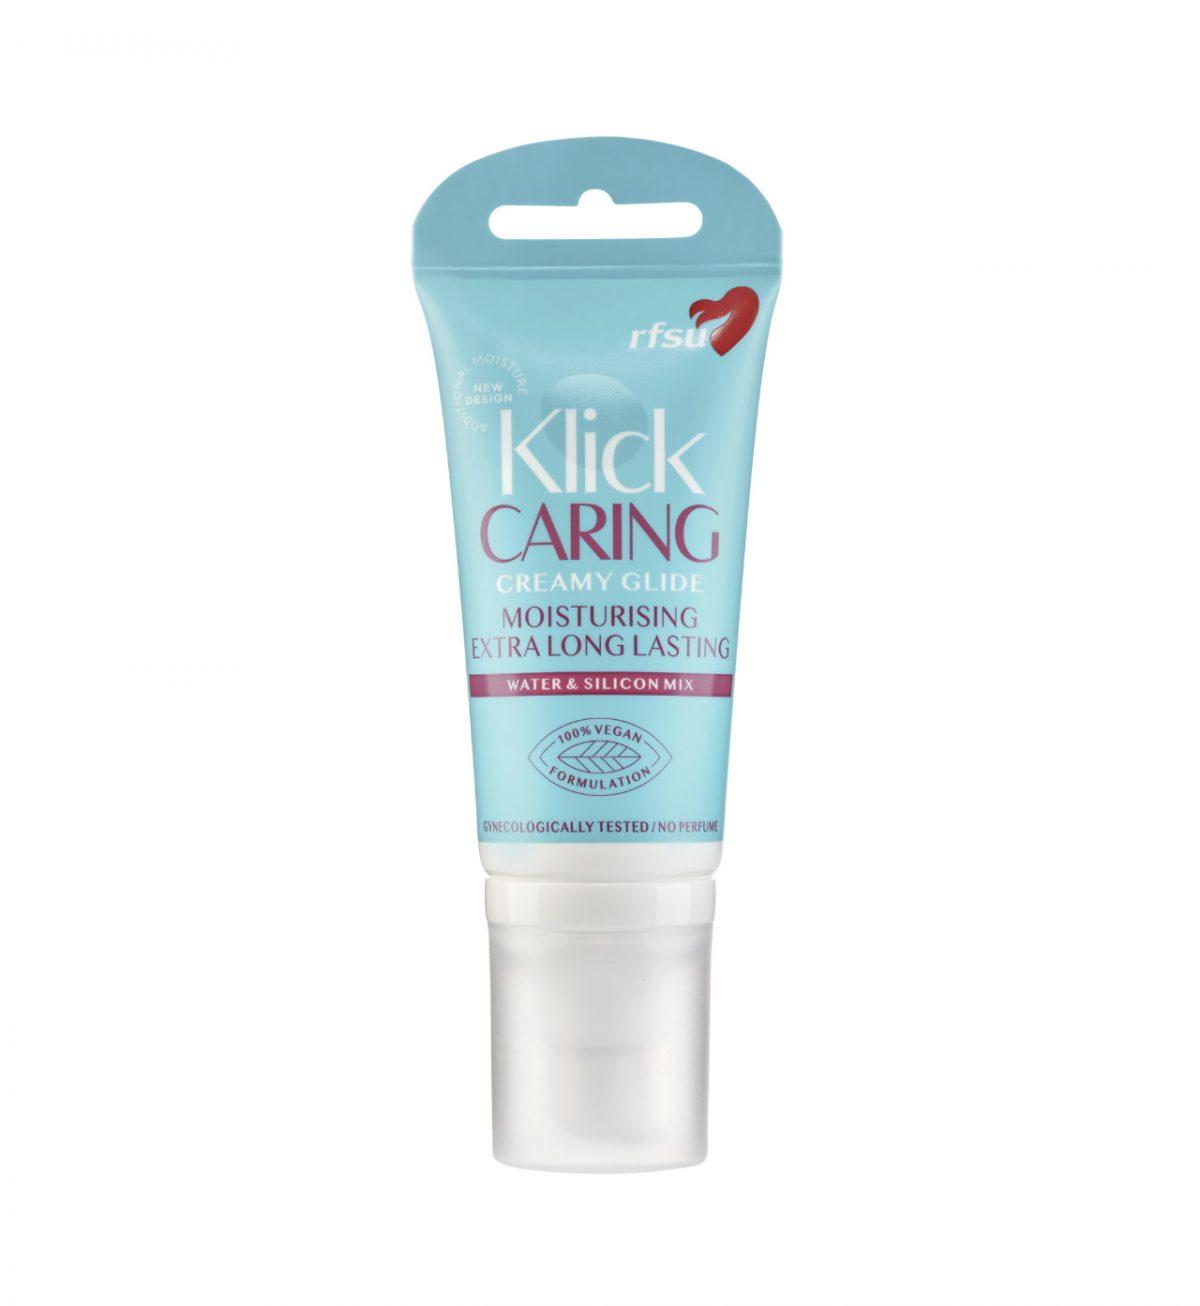 Klick Caring Glide 50ml - Fuktighetsgivende glidemiddel for tørre eller skjøre slimhinner - RFSU